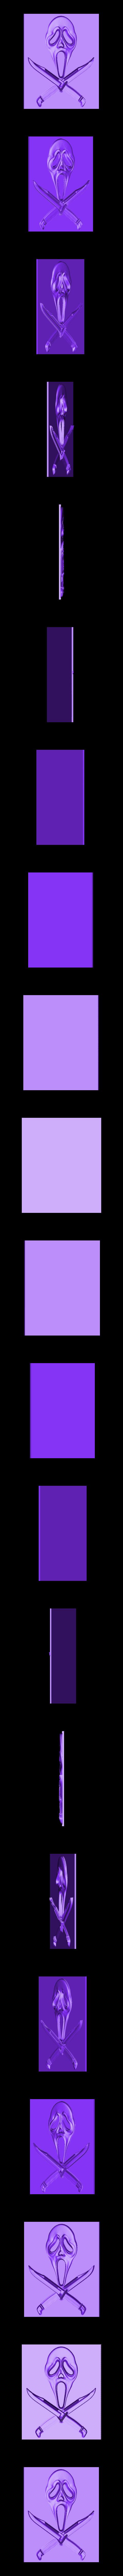 scream2.stl Télécharger fichier STL gratuit porte-clés Cri • Modèle à imprimer en 3D, 3dlito